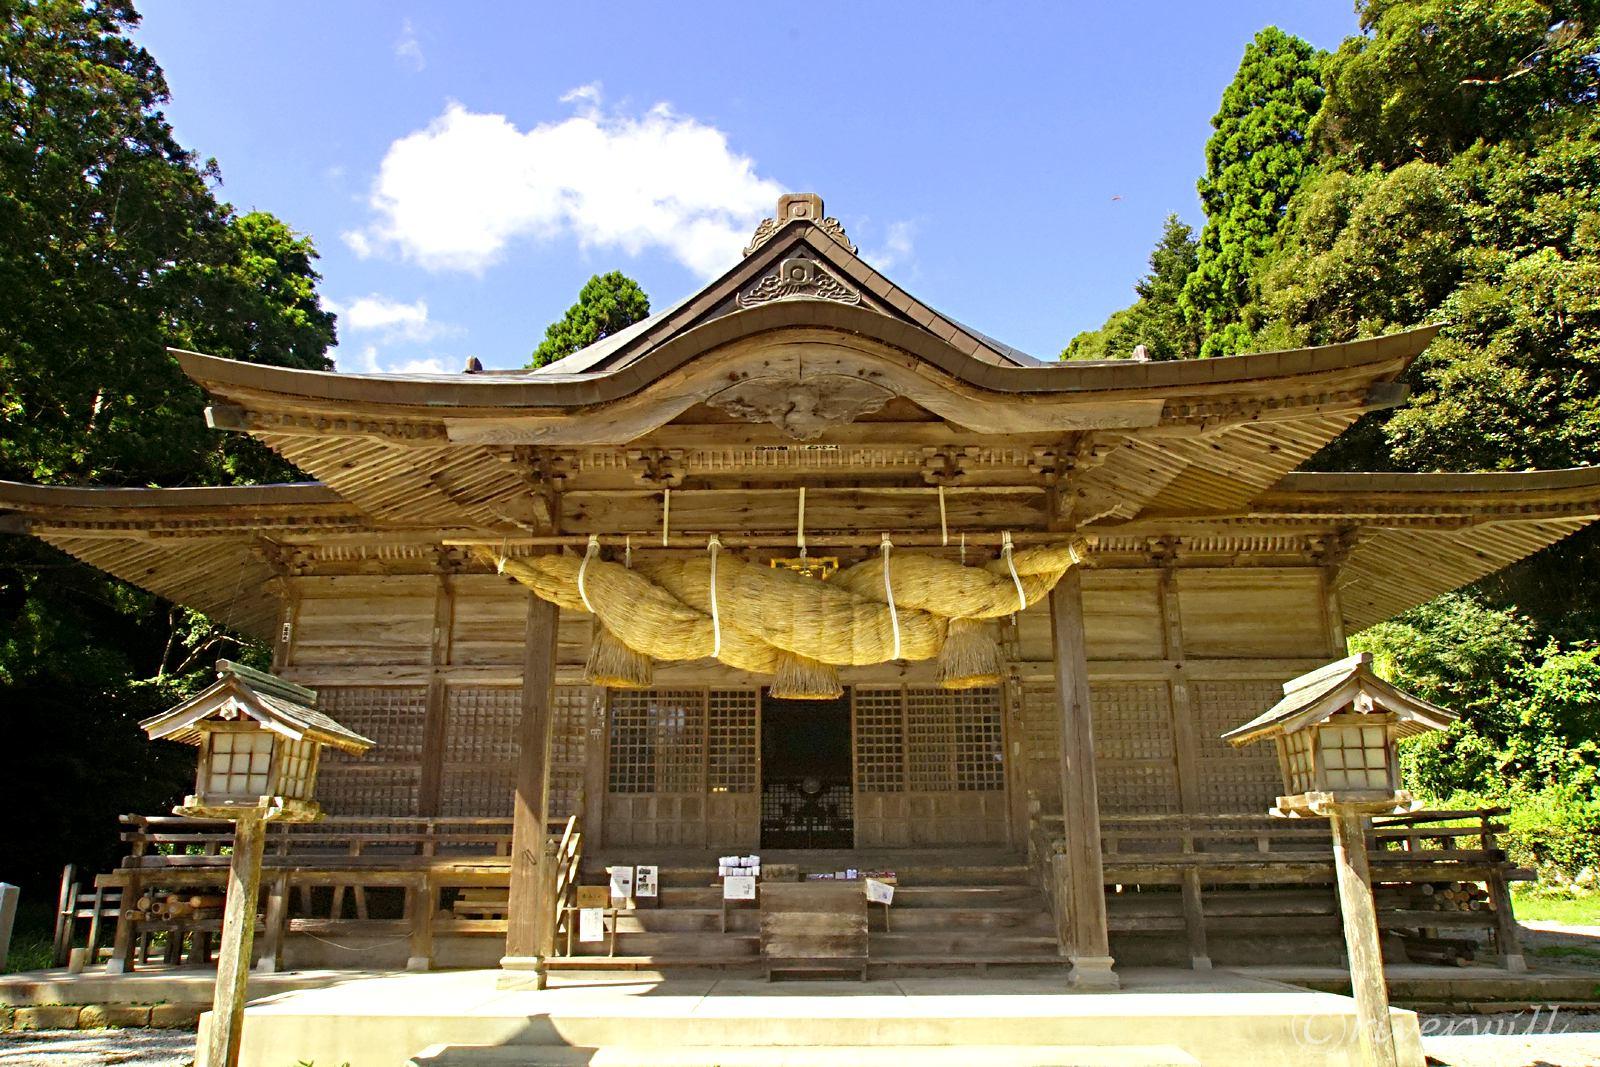 隠岐でもっとも古い建築の「玉若酢命神社」